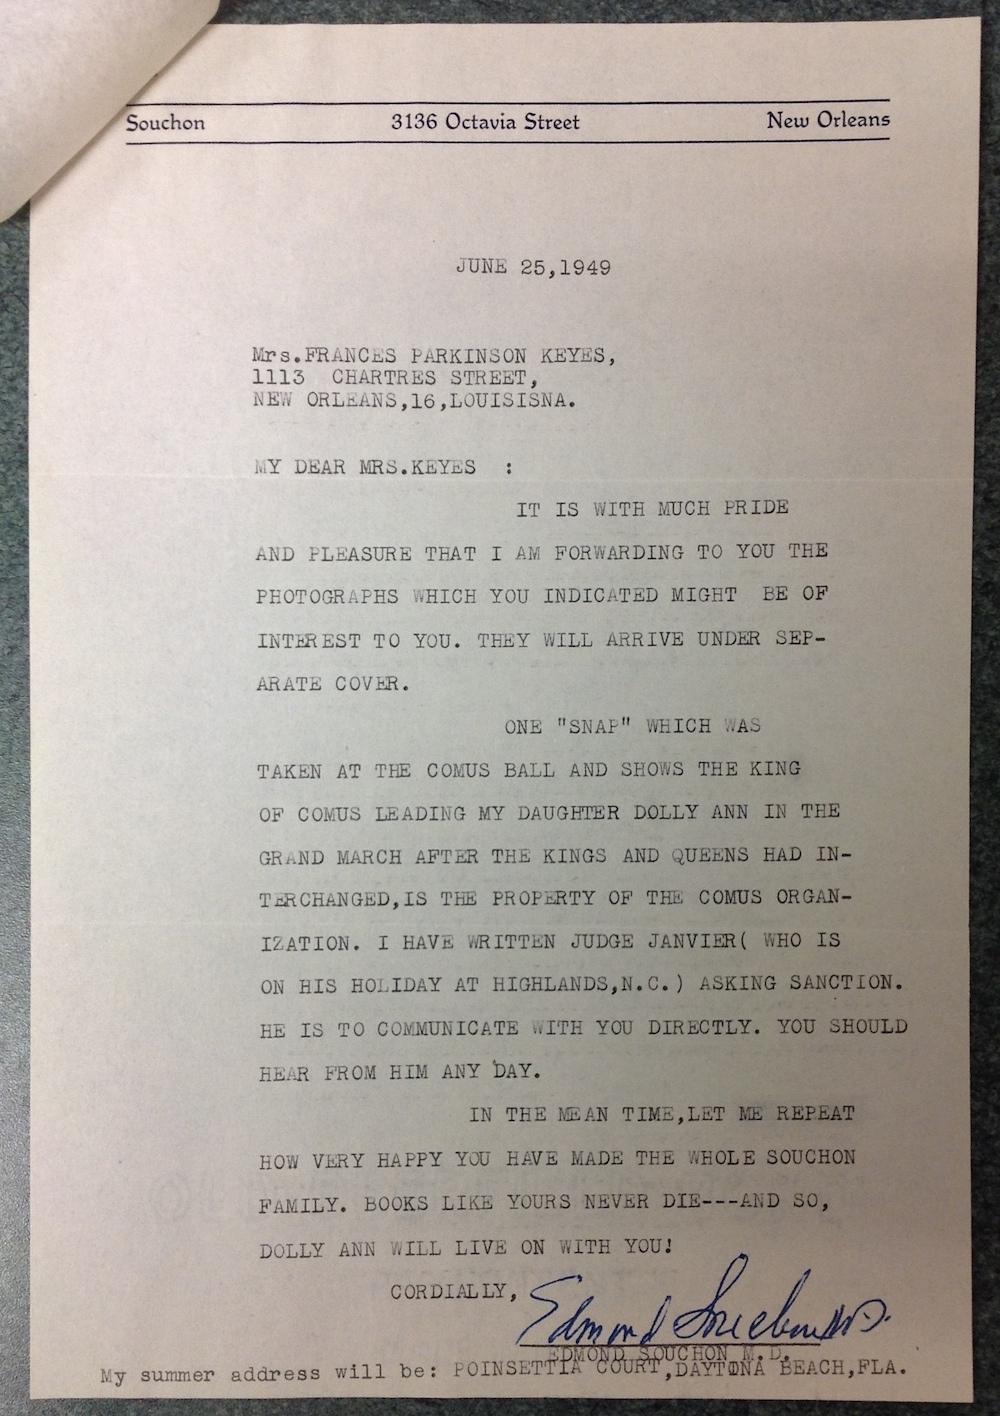 Dr. Edmond Souchon to FPK, June 25, 1949